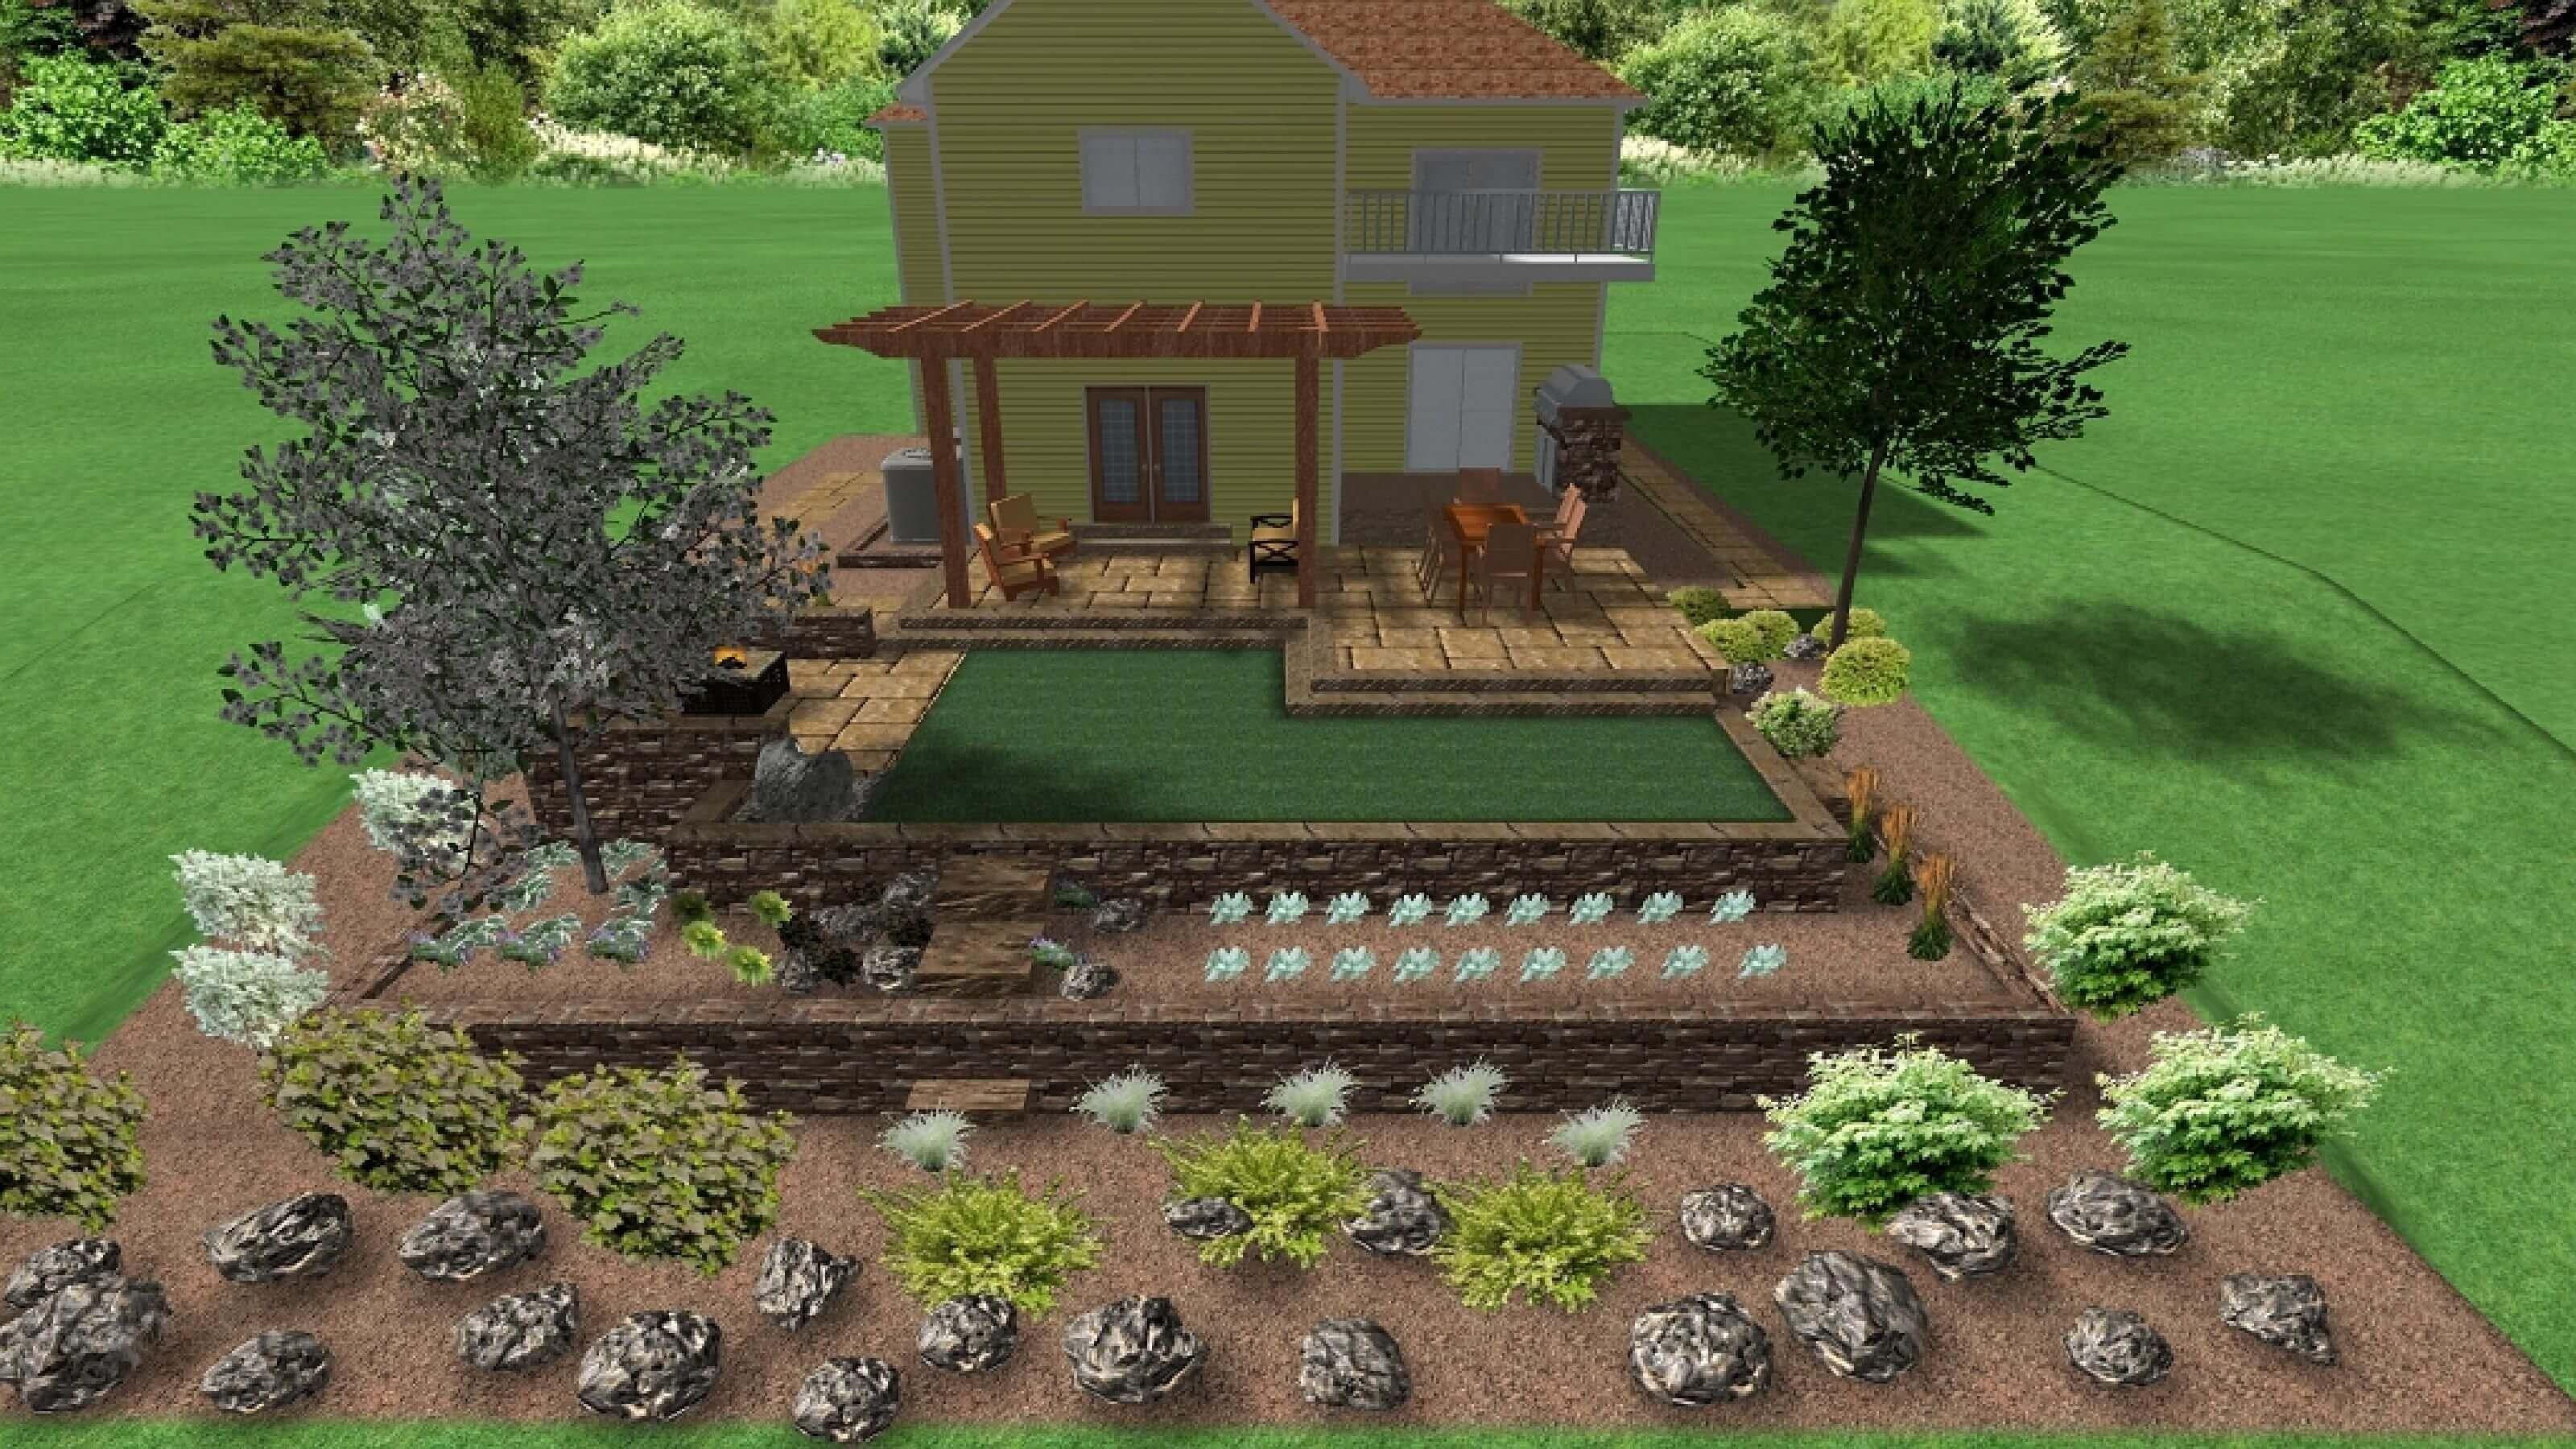 10D Landscape Design example back yard-Back yard landscape design